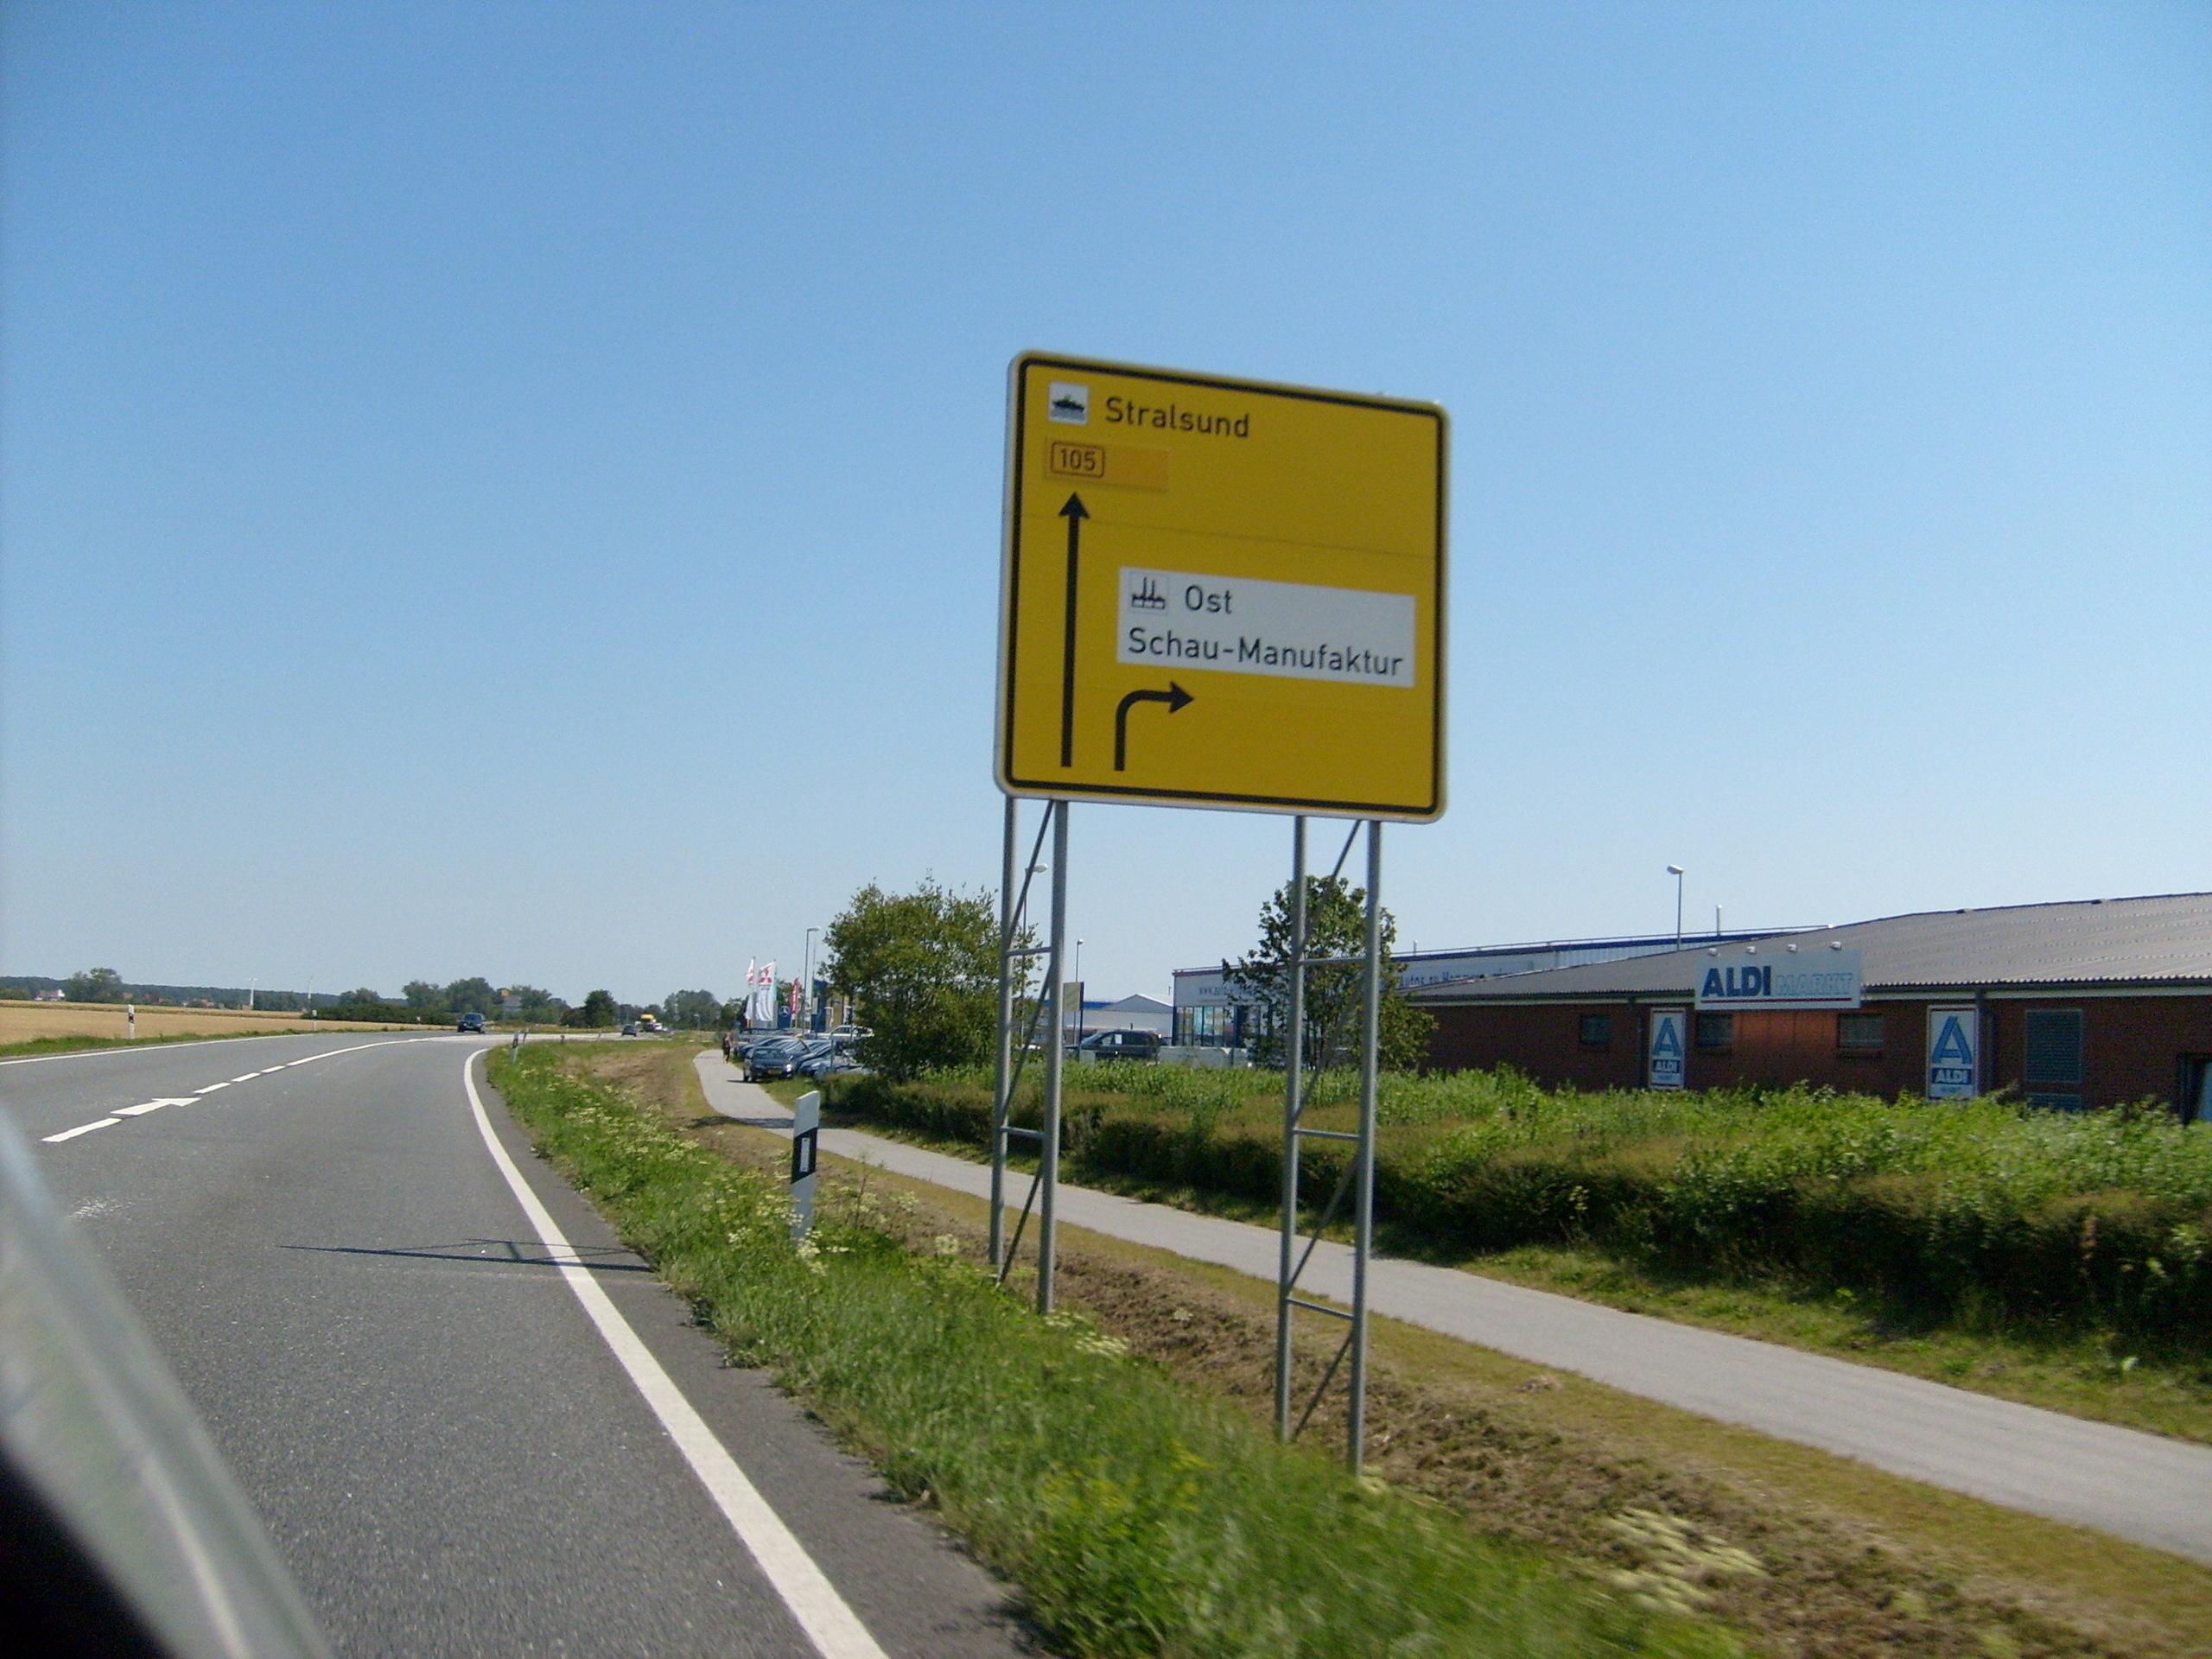 Germany Images Mecklenburg-vorpommern Hd Wallpaper - Freeway , HD Wallpaper & Backgrounds